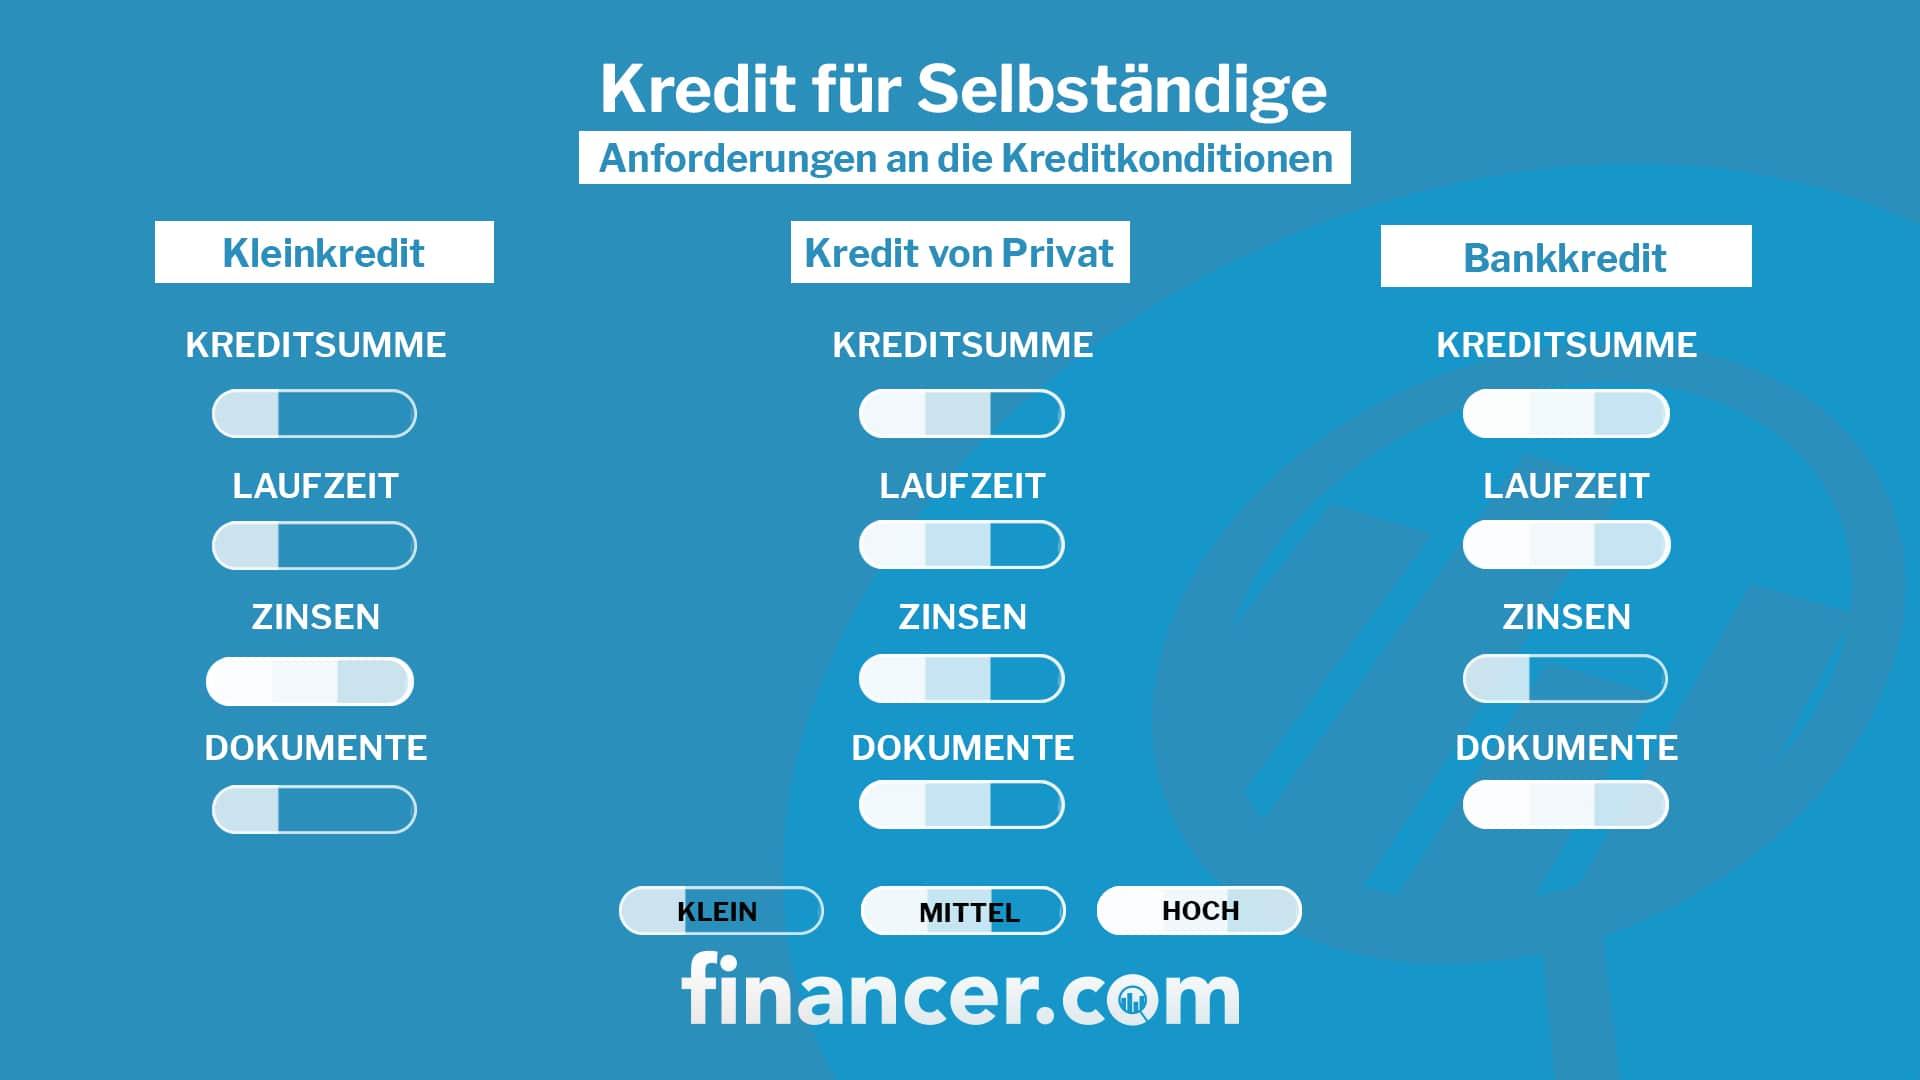 kredit-für-selbständige-